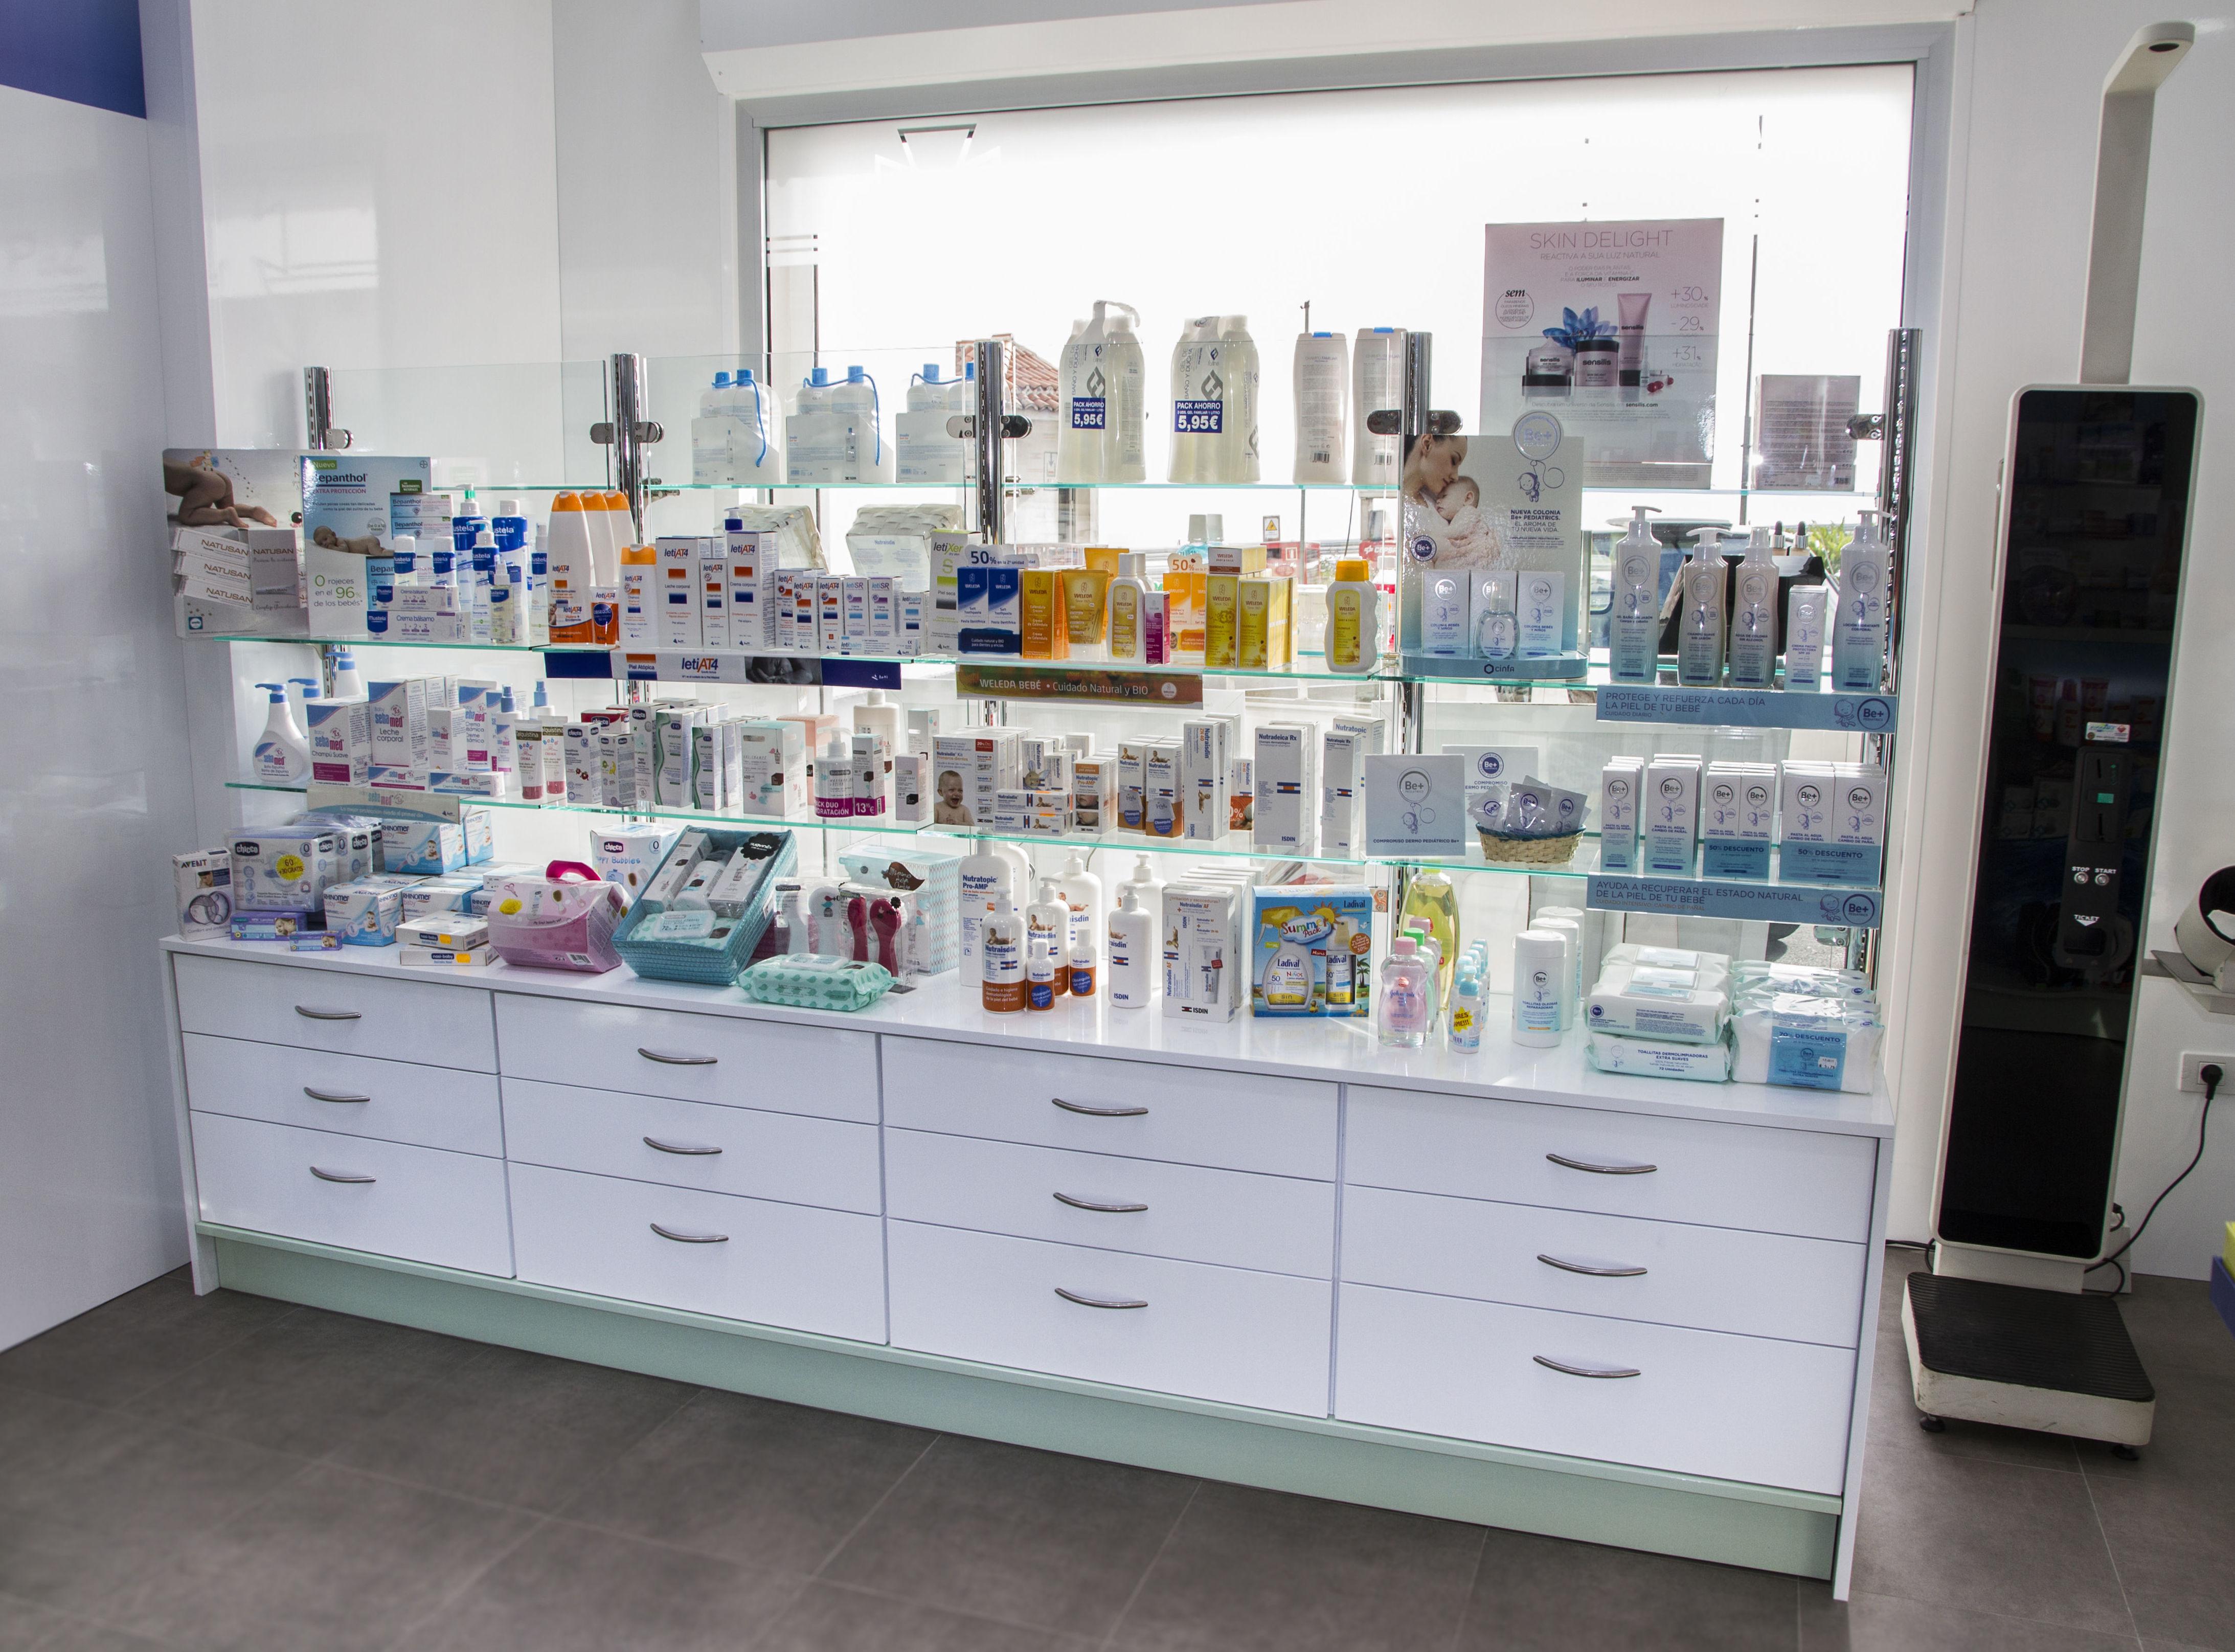 Módulos lineales de exposición: Productos y servicios de Canarias Decofarma                                   -             Imeldo Rodríguez Vázquez